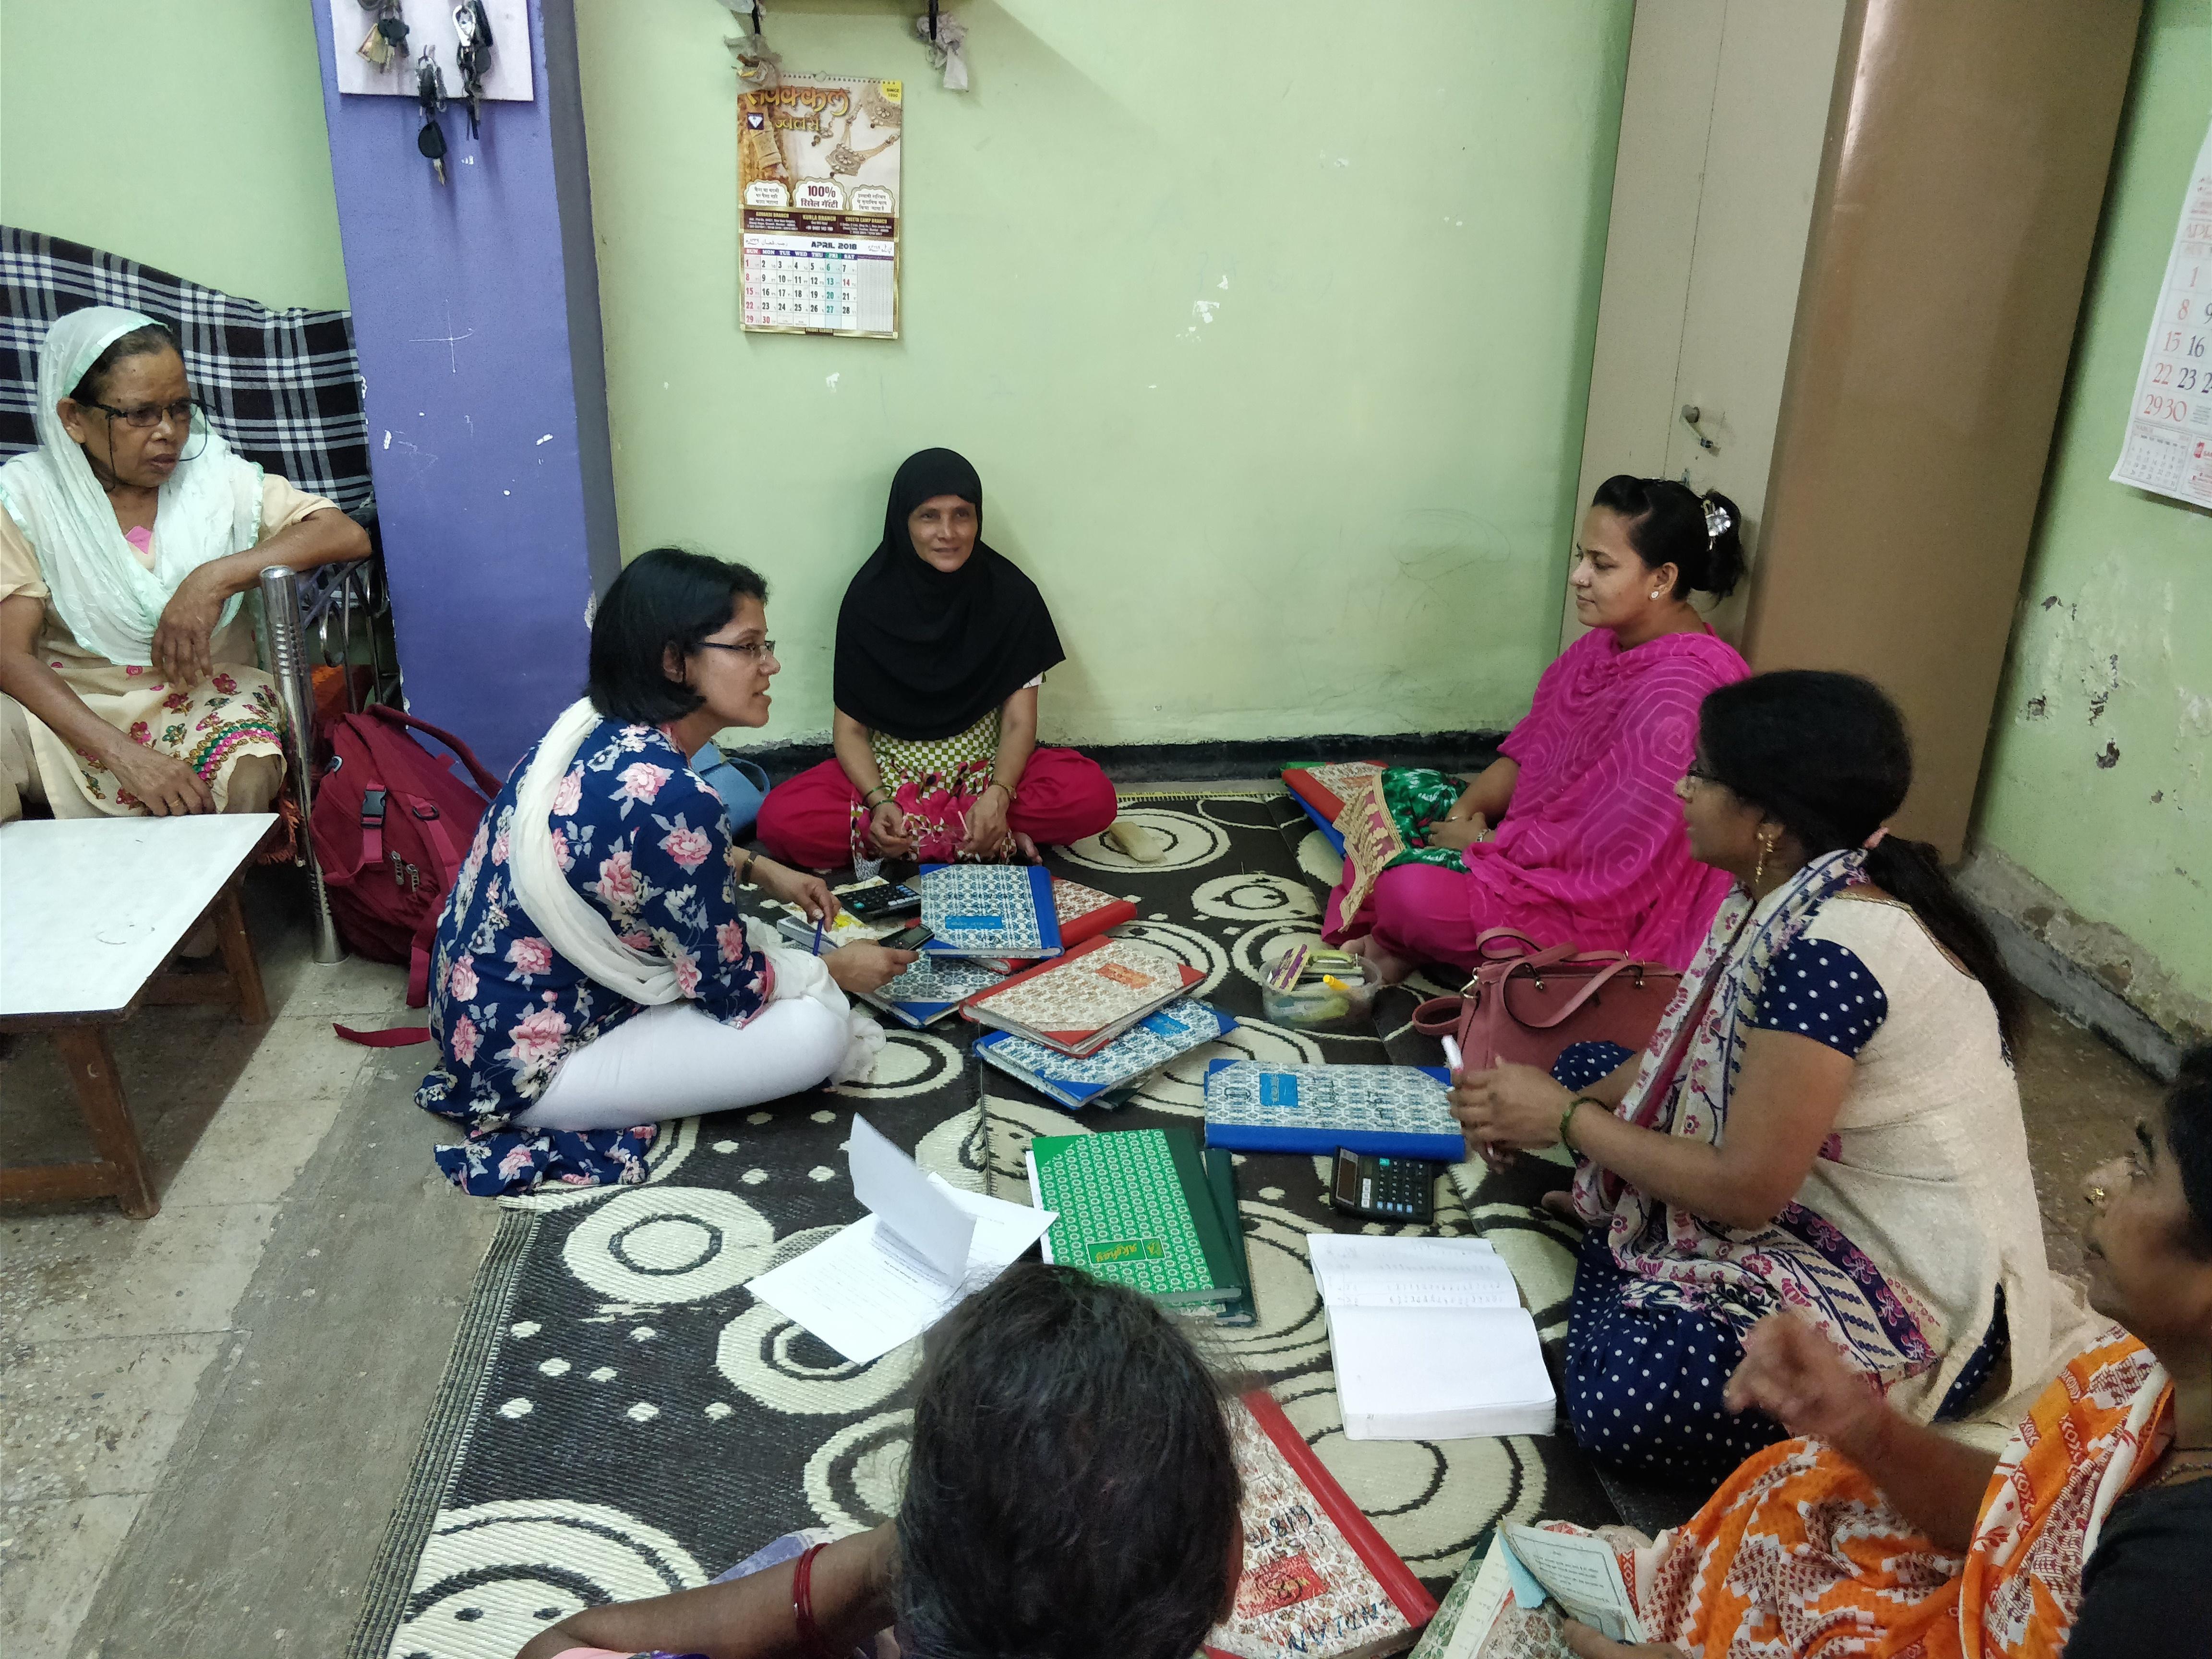 India slum rehabilitation housing 2